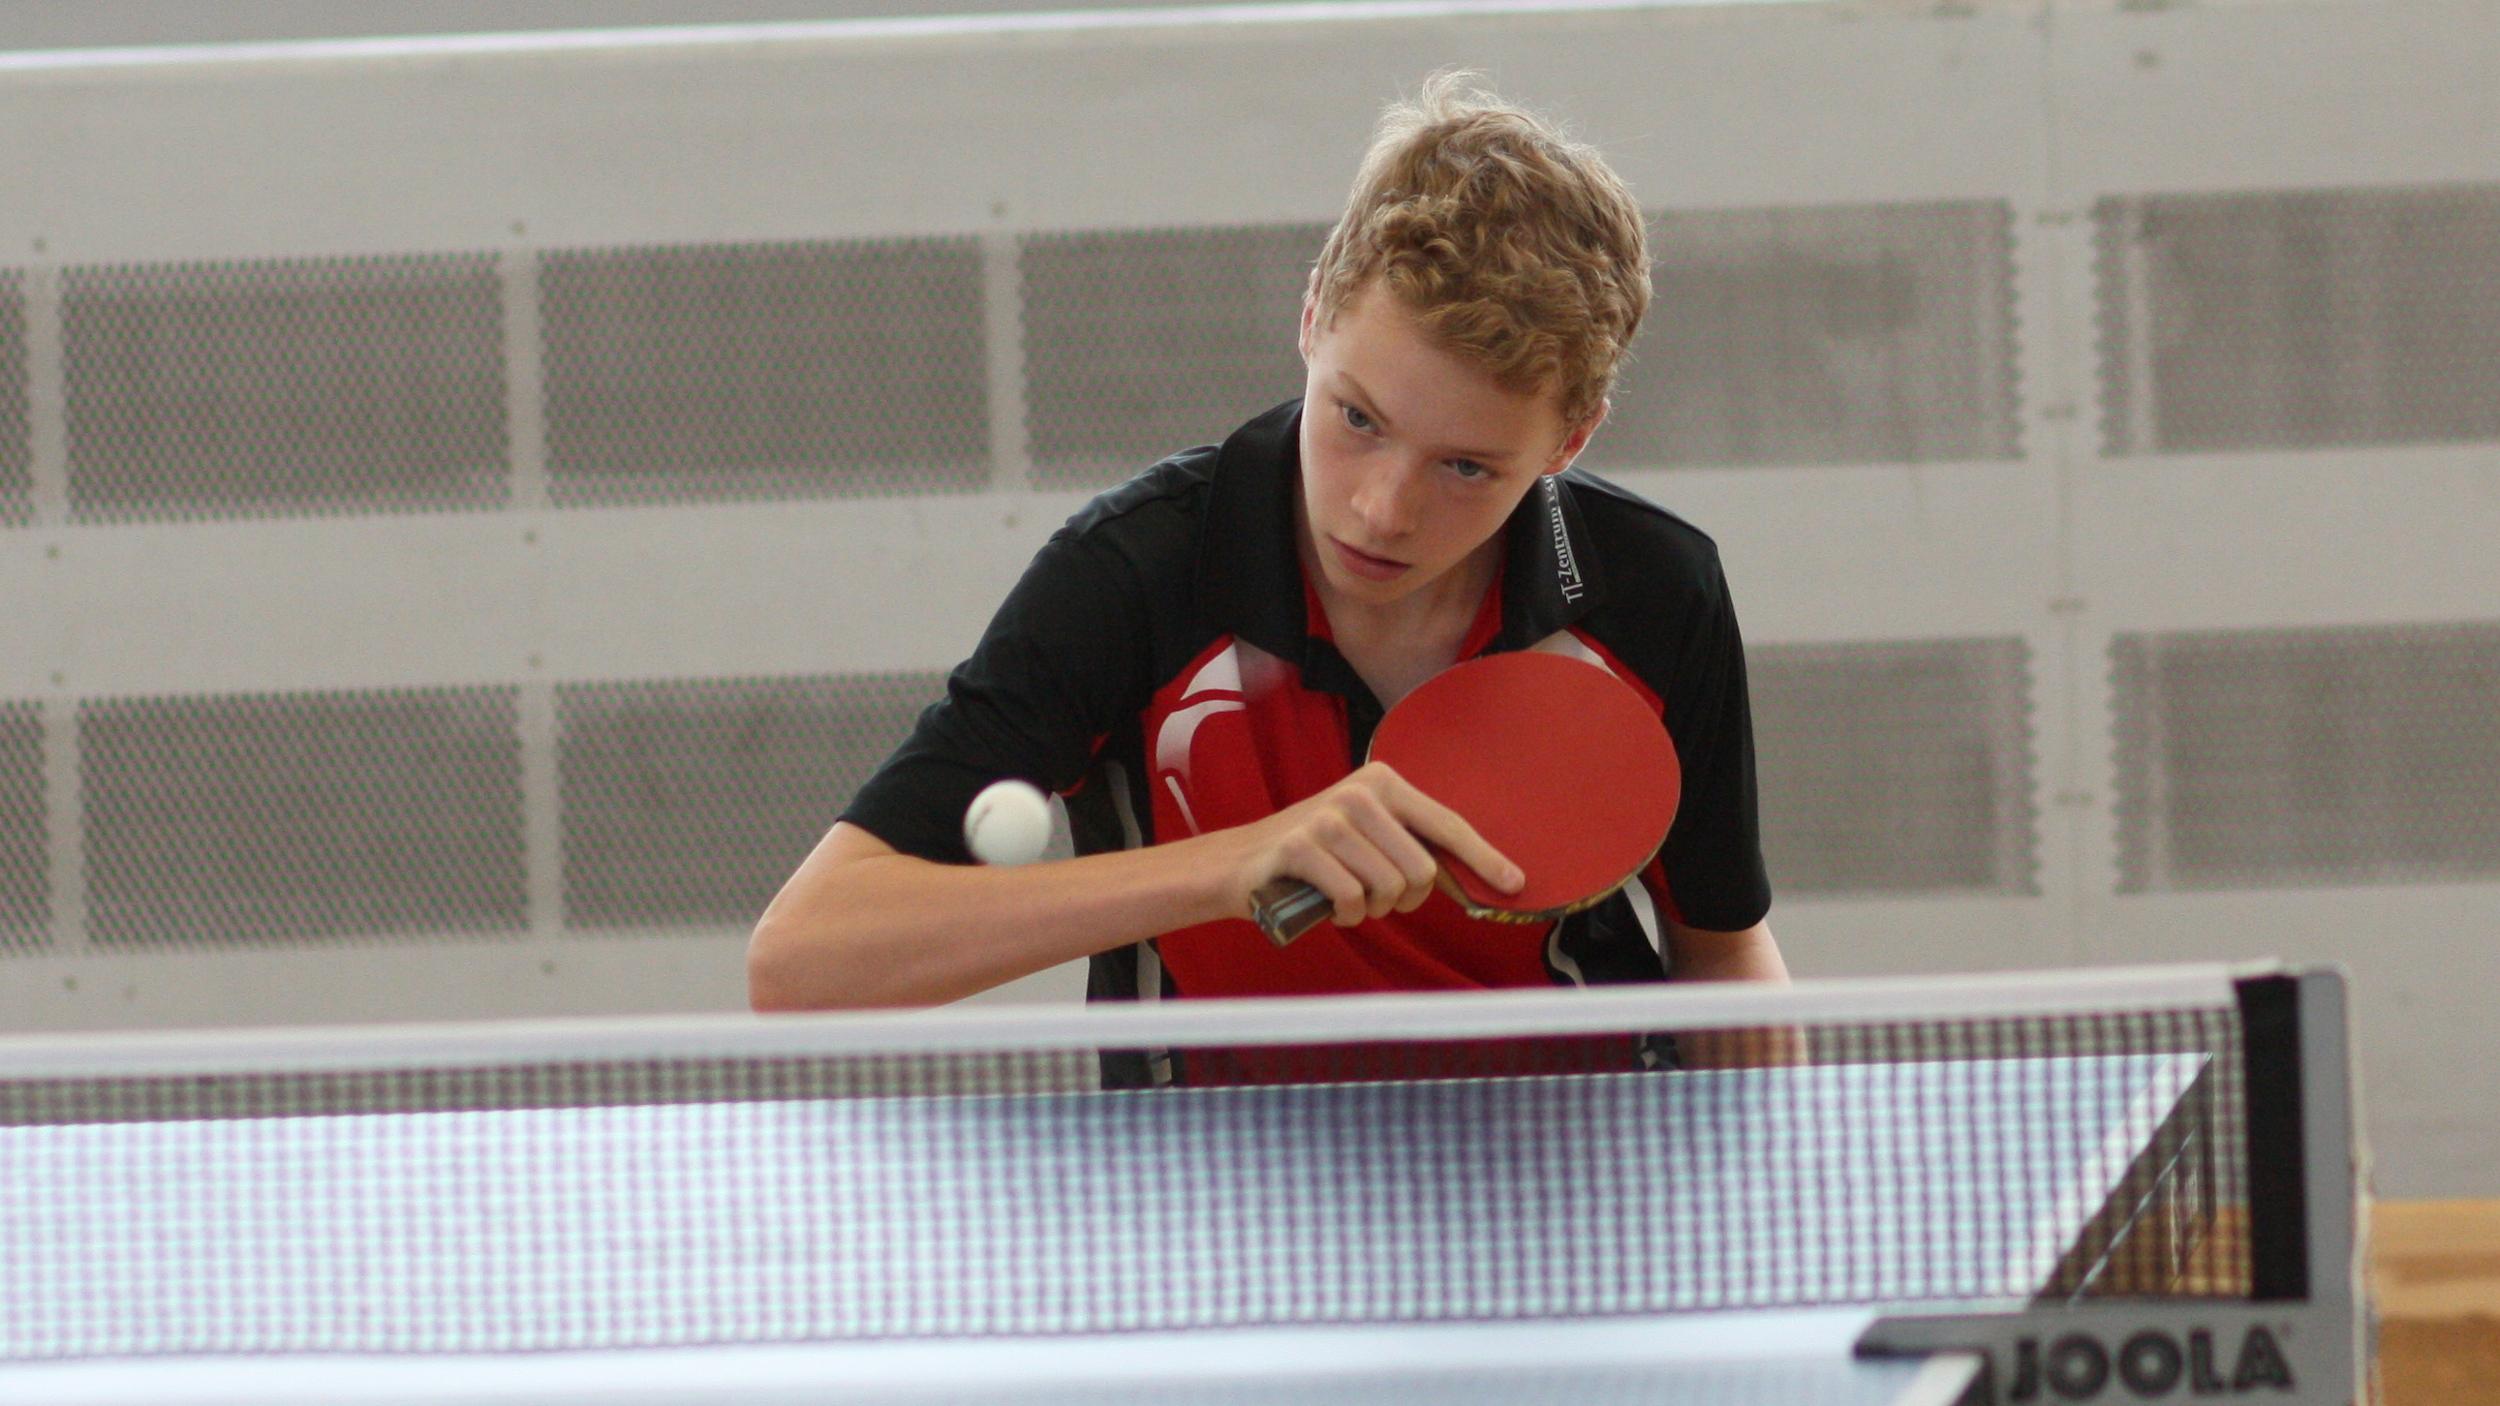 Marvin erreichte das Finale der A-Schüler, konnte dort aber einem glänzend aufgelegten Felix nicht genug entgegenzusetzen.